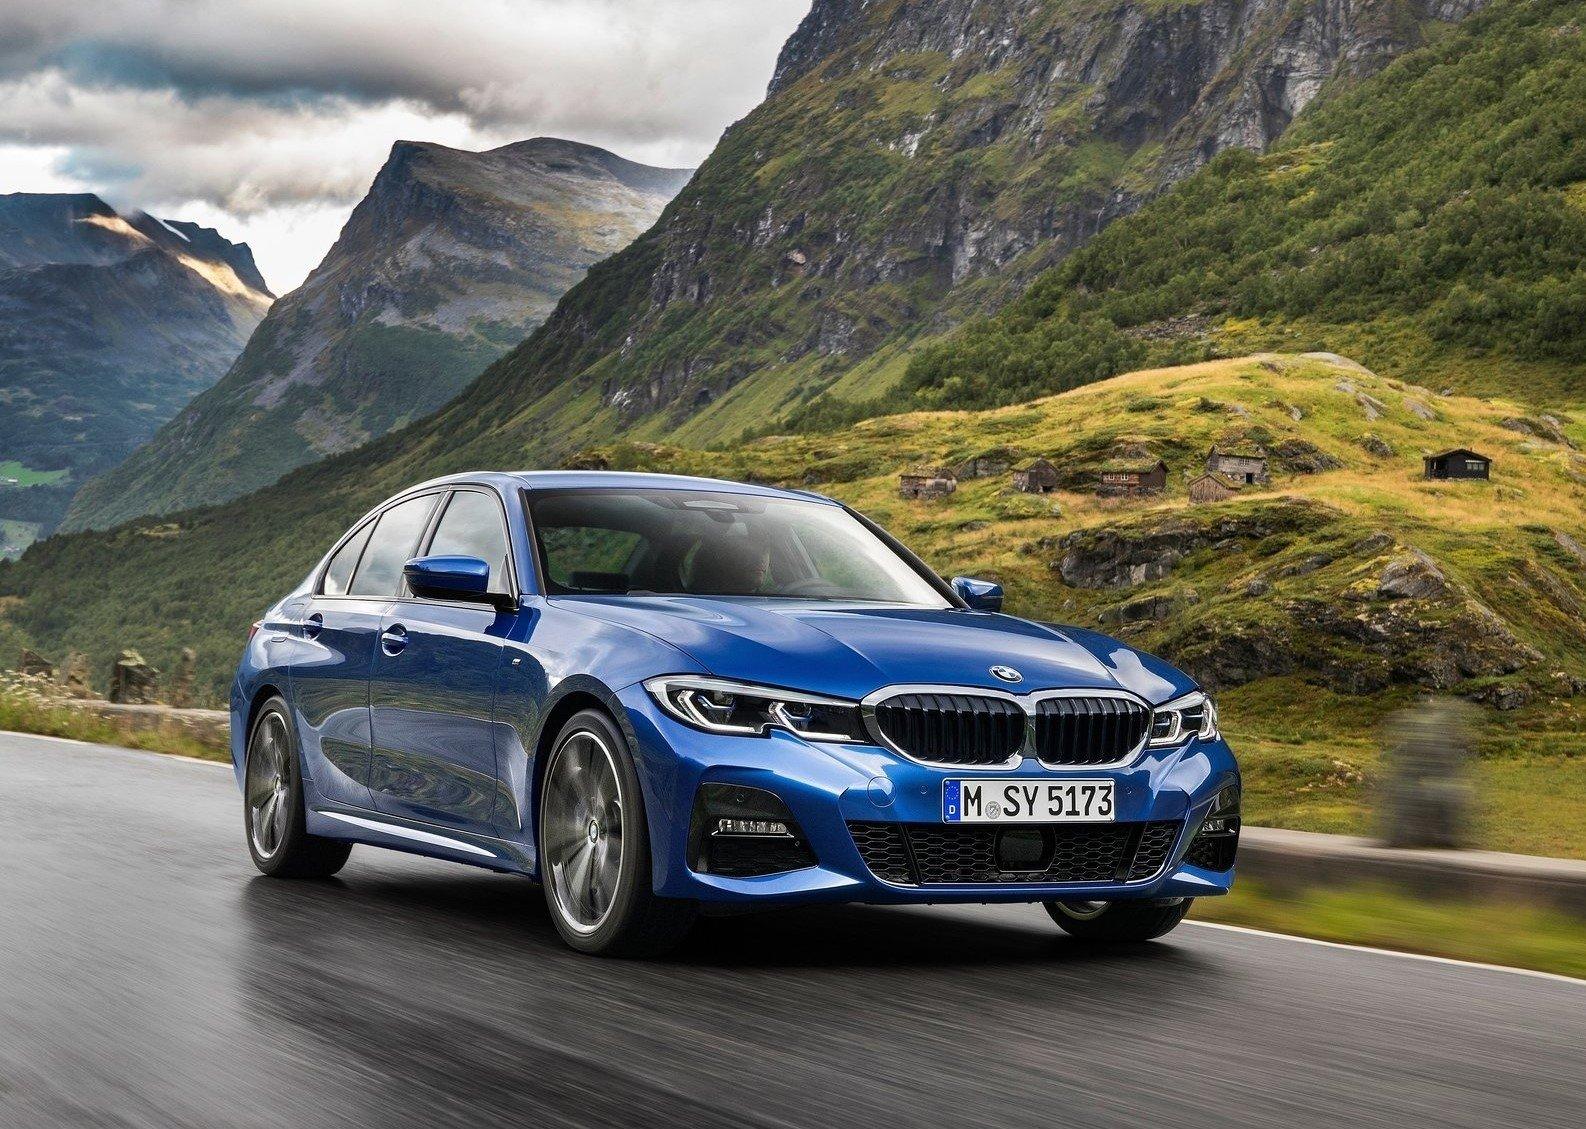 BEKLENEN HAMLE: YENİ BMW 3 SERİSİ